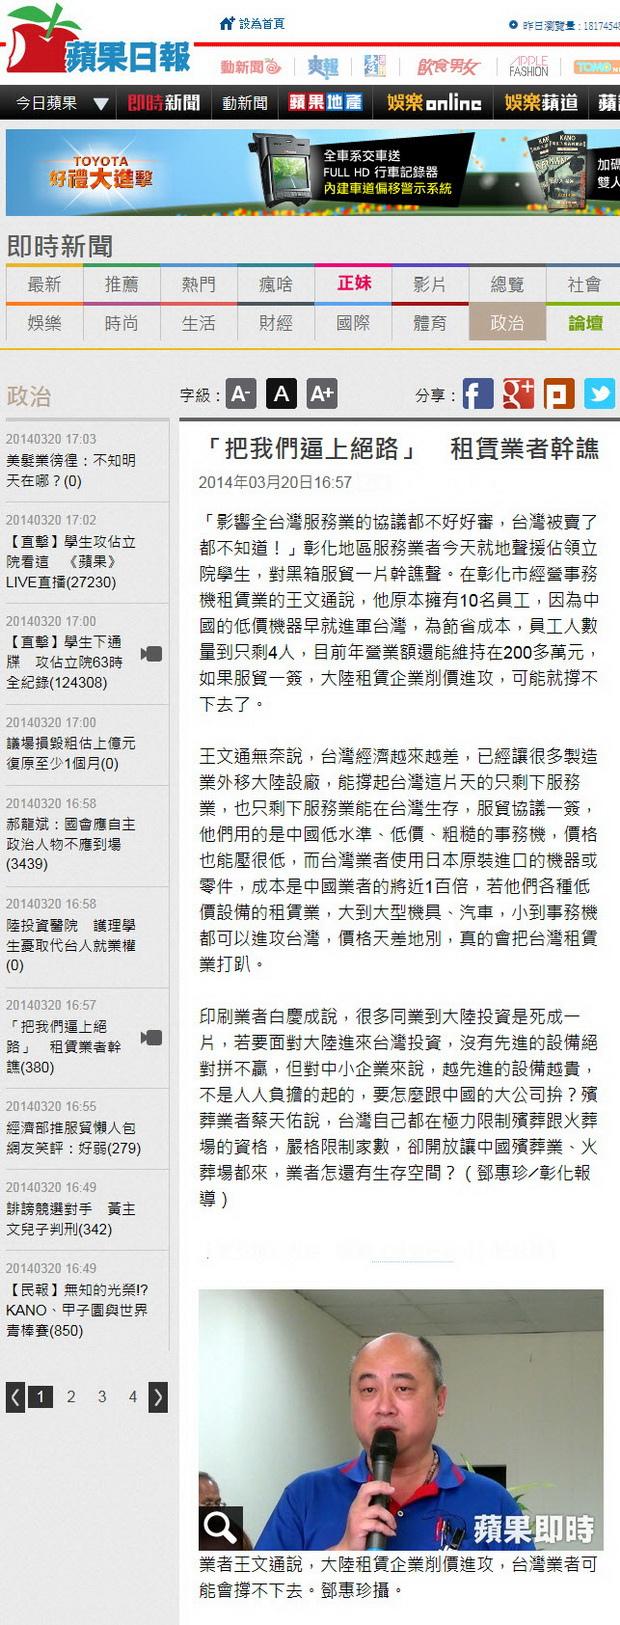 「把我們逼上絕路」租賃業者幹譙-2014.03.20.jpg